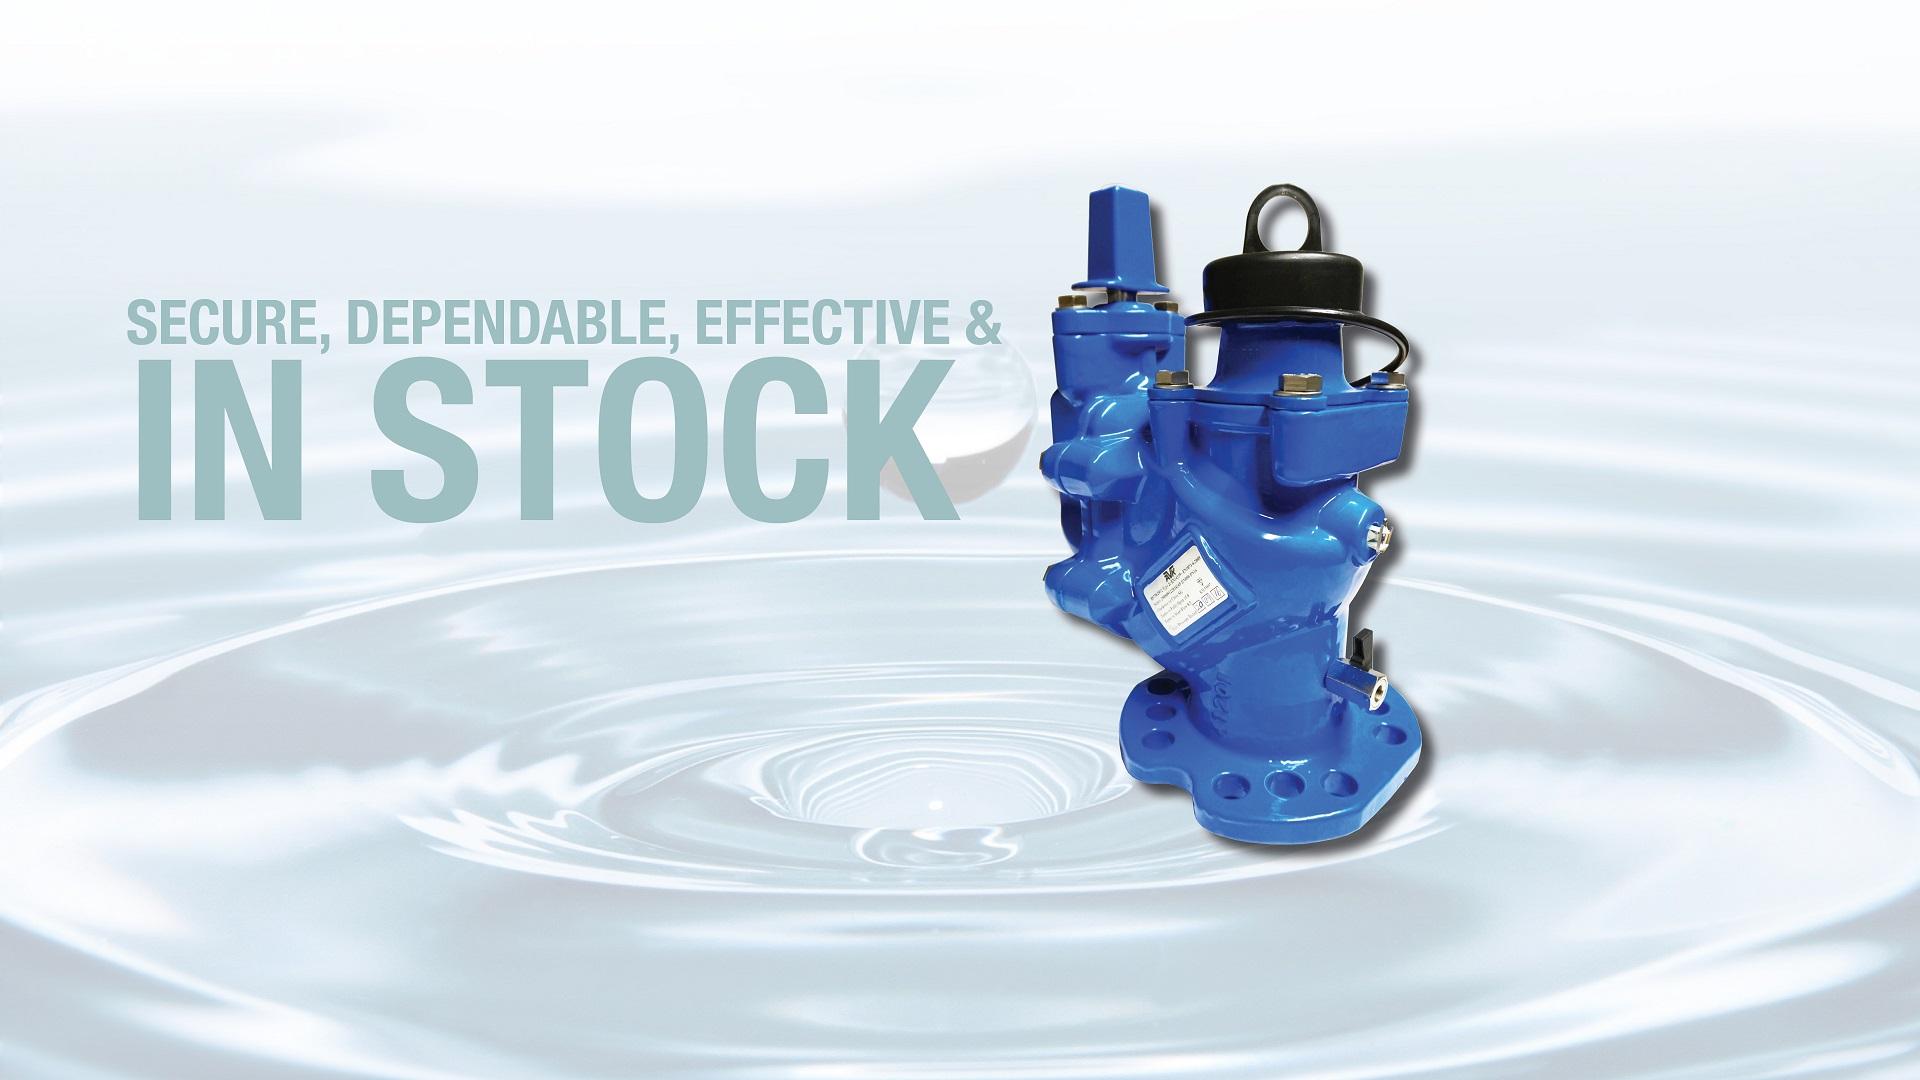 AVK Series 29/91 Hydrant in stock